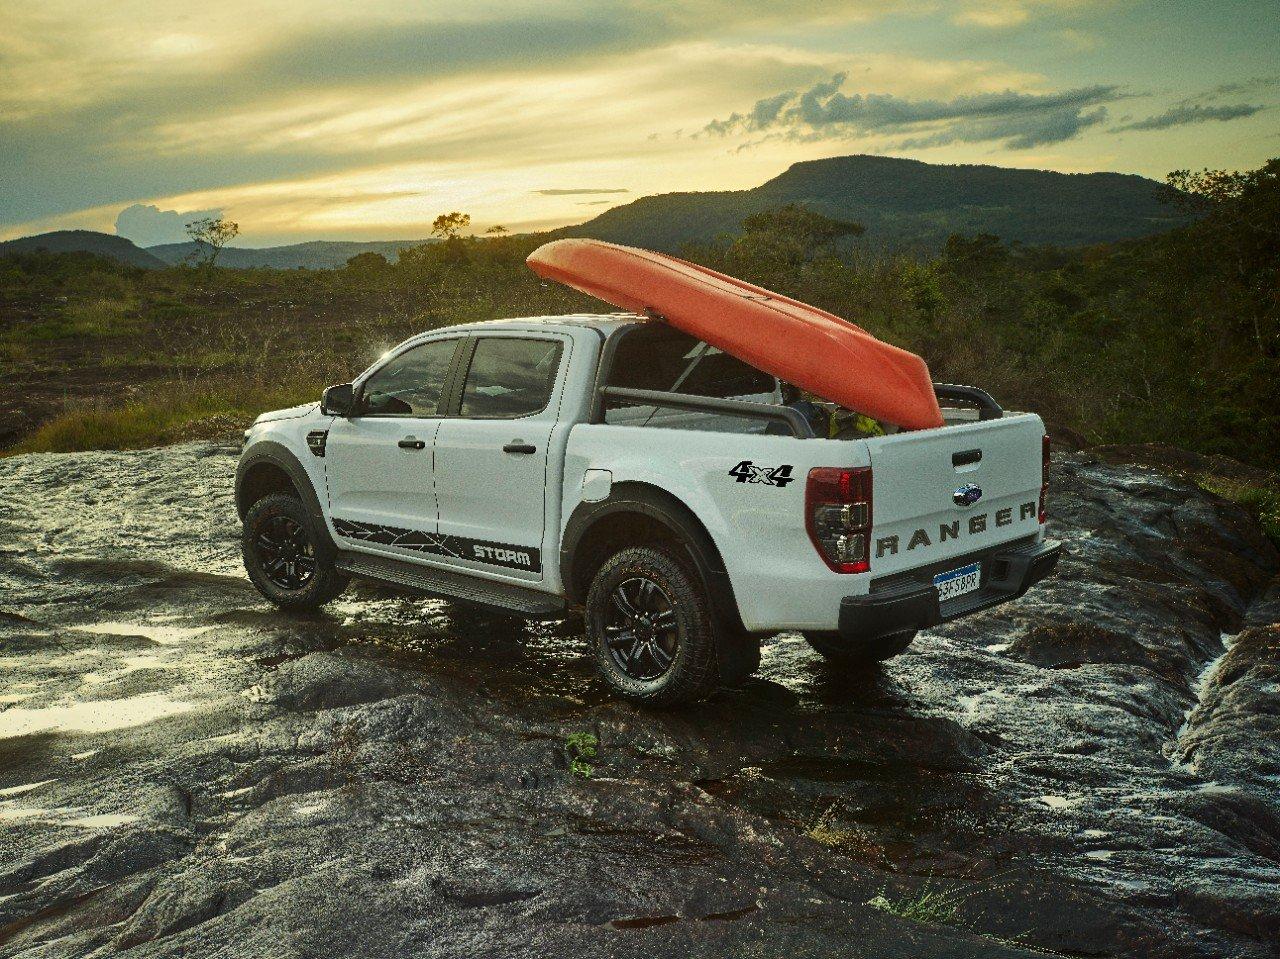 ford ranger 2020 storm na cor branca vista pela traseira tres quartos com um caicaque na cacamba sobre uma montanha